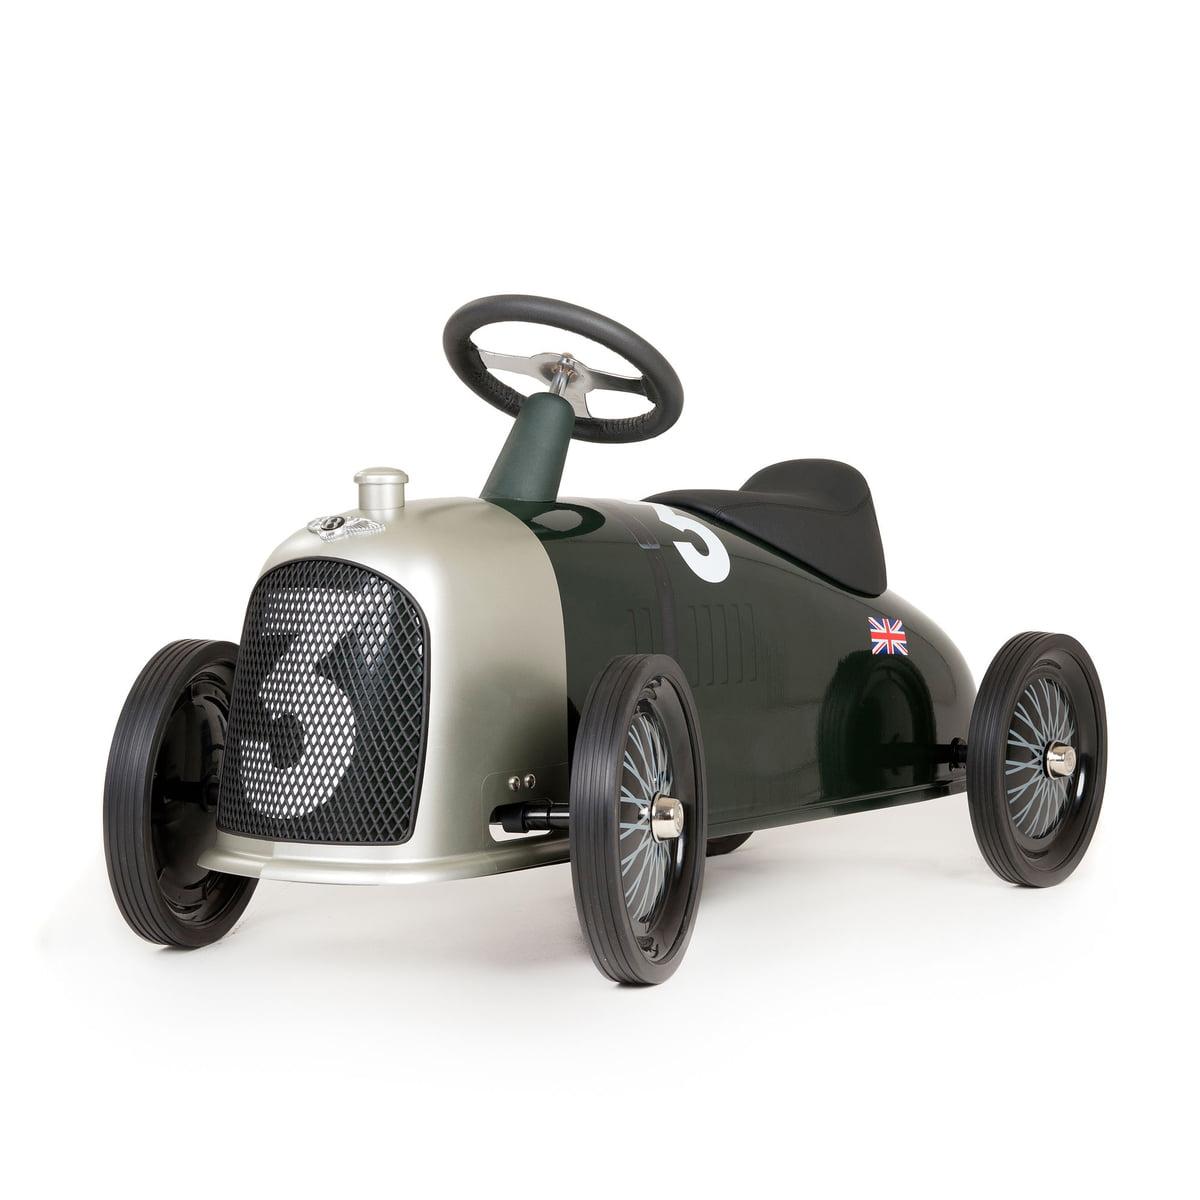 Baghera - Rider Rutschfahrzeug Bentley, schwarz   Kinderzimmer > Spielzeuge > Kinderfahrräder   Schwarz   Metall -  gummi   Baghera